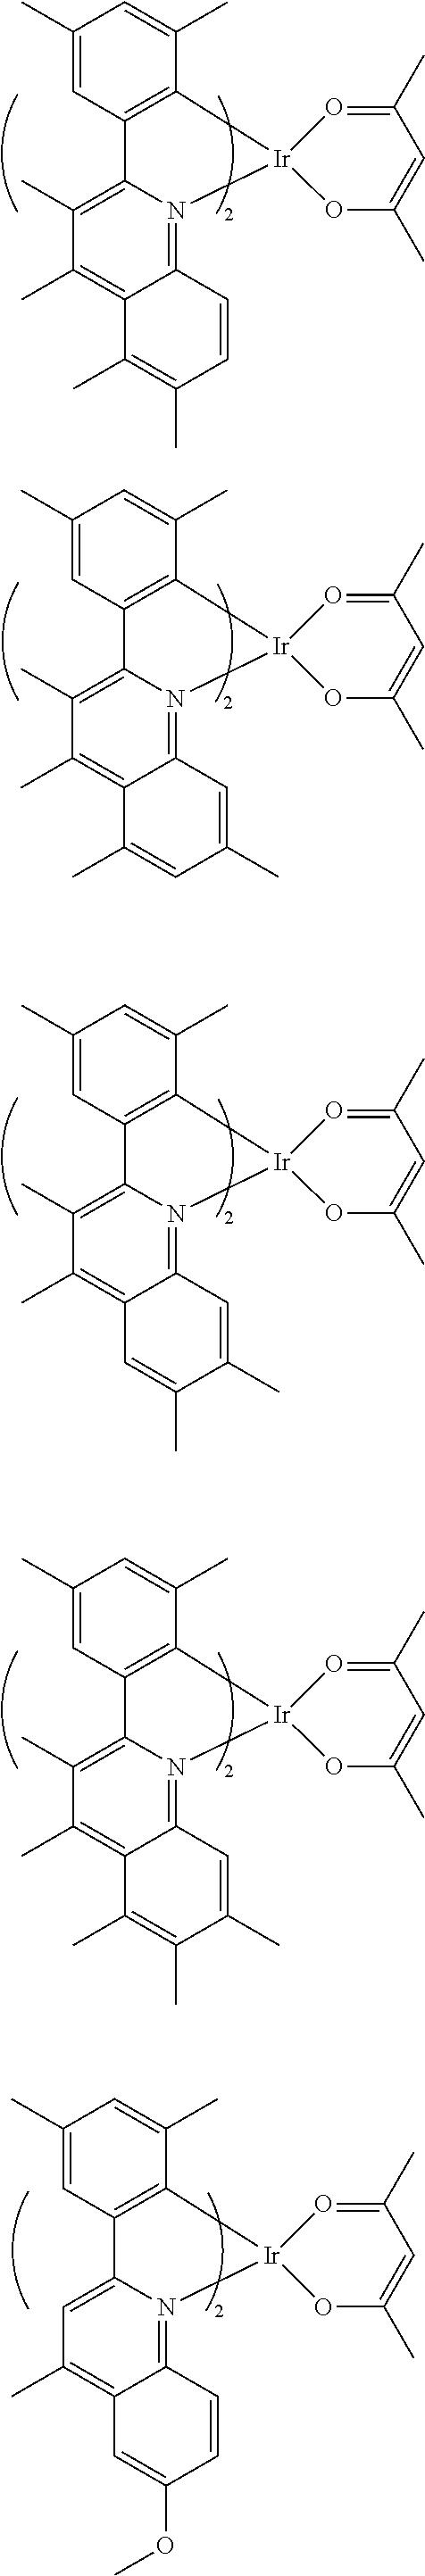 Figure US09324958-20160426-C00042